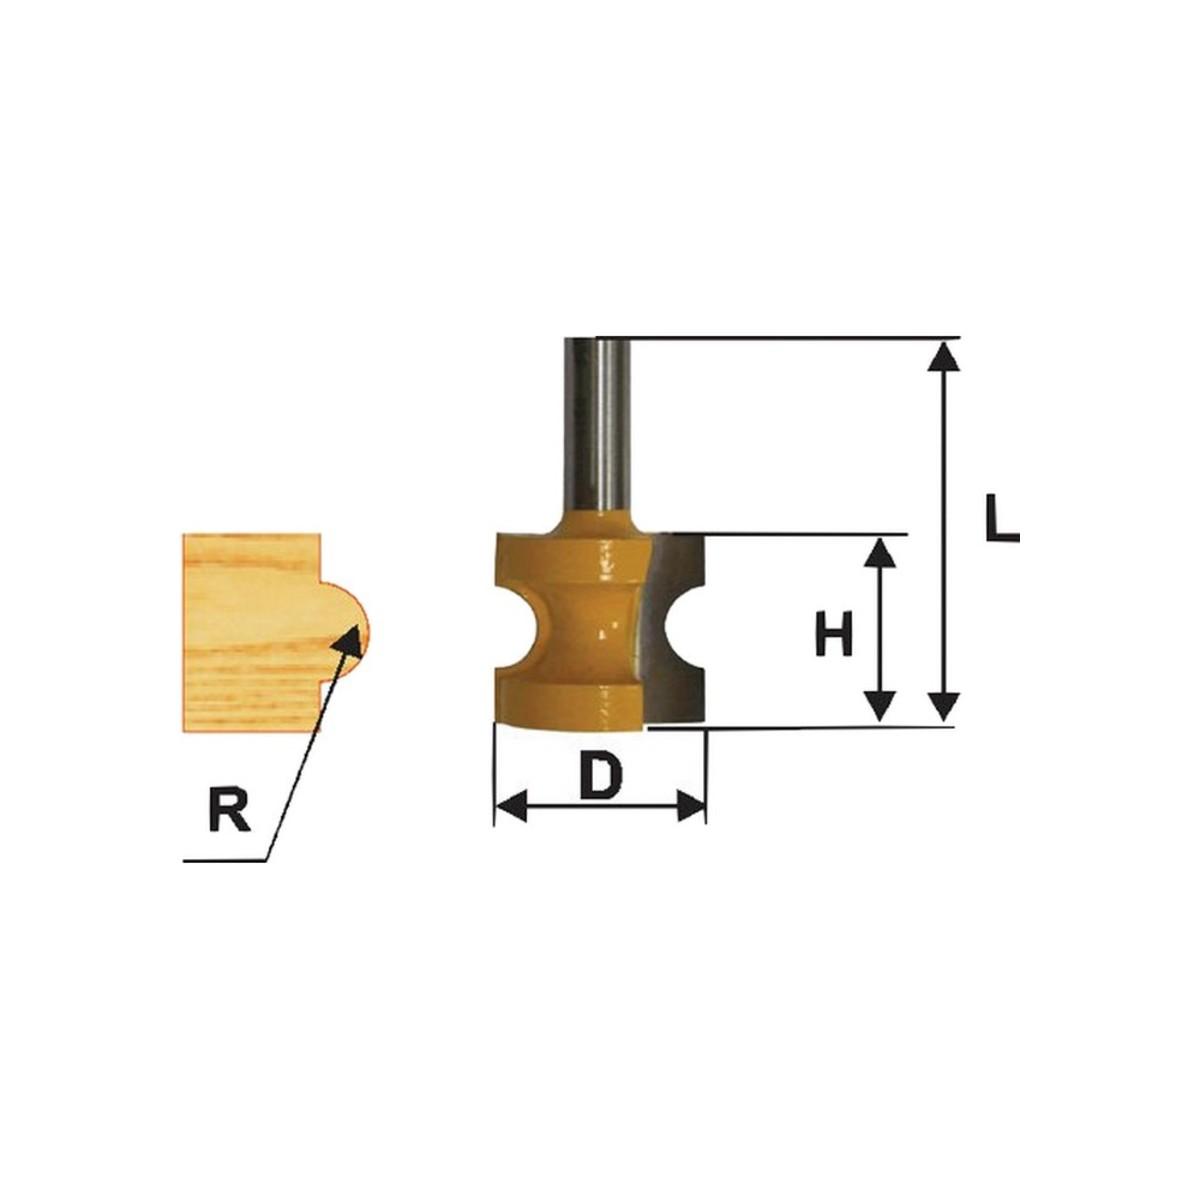 Фреза кромочная полустержневая ЭНКОР 46471 ф25.4 мм R4.8 мм 8 мм